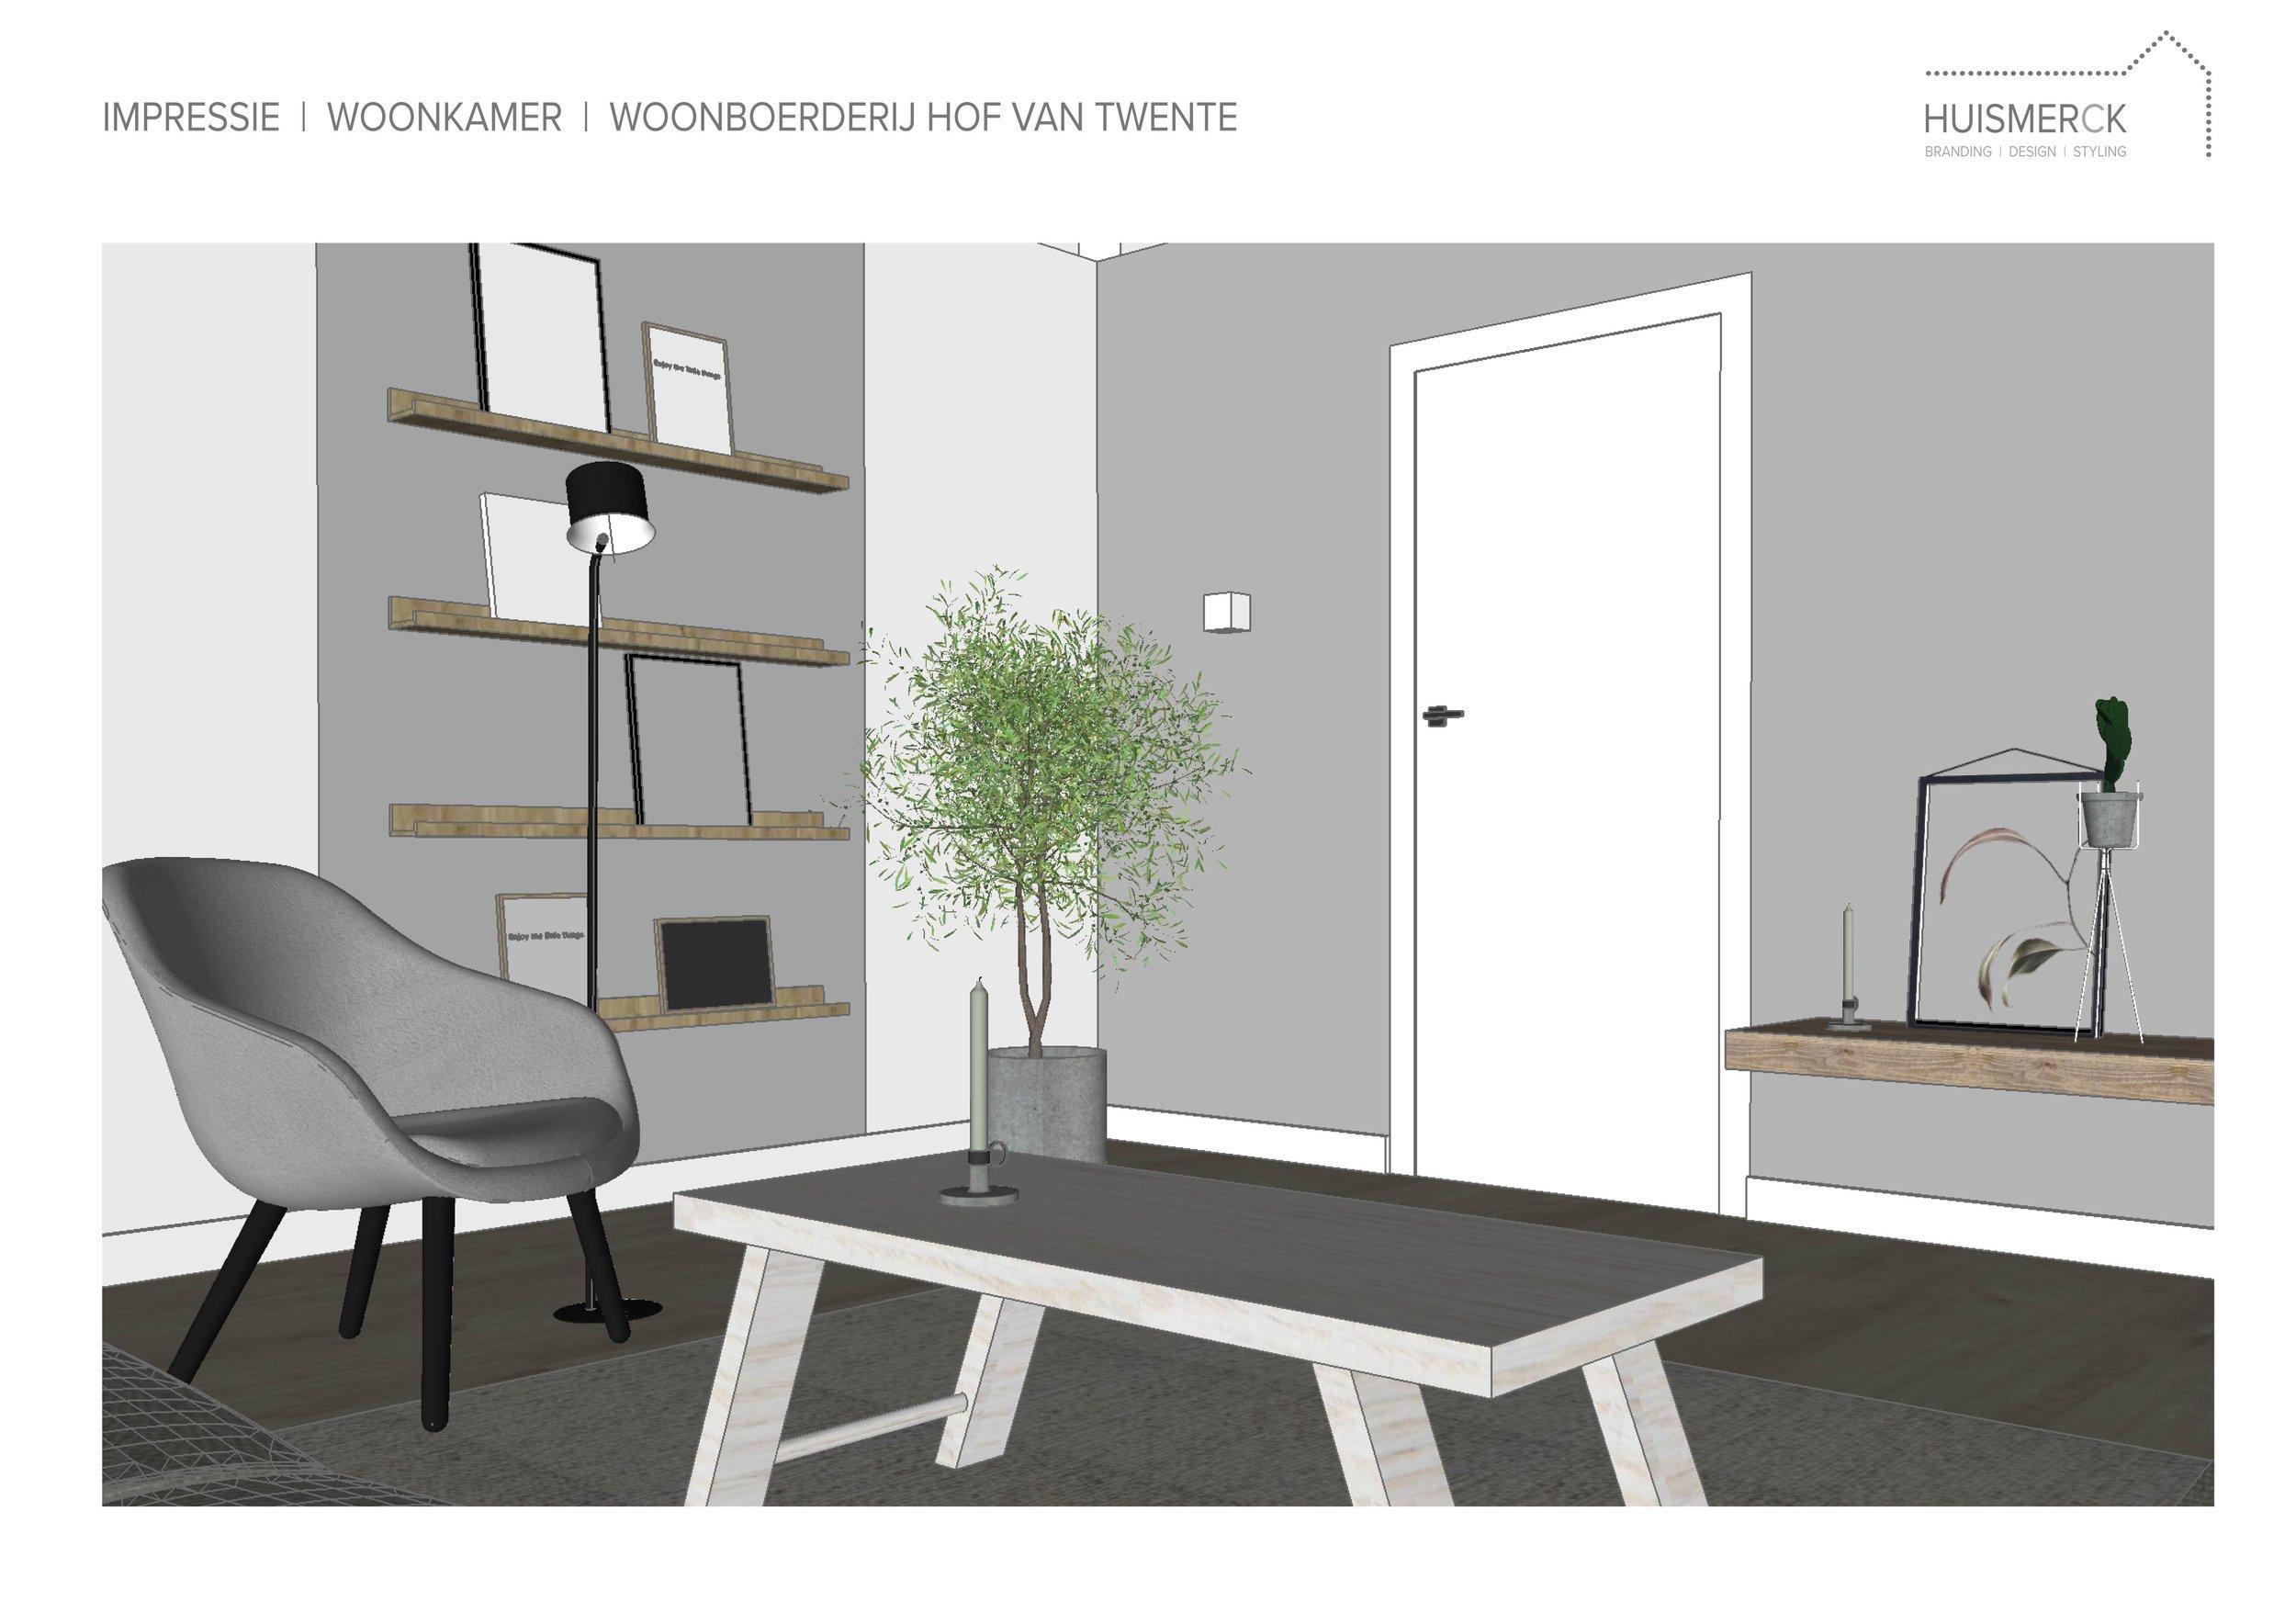 HUISMERCK®_impressie_woonkamer_Hof_van_Twente-01.jpg